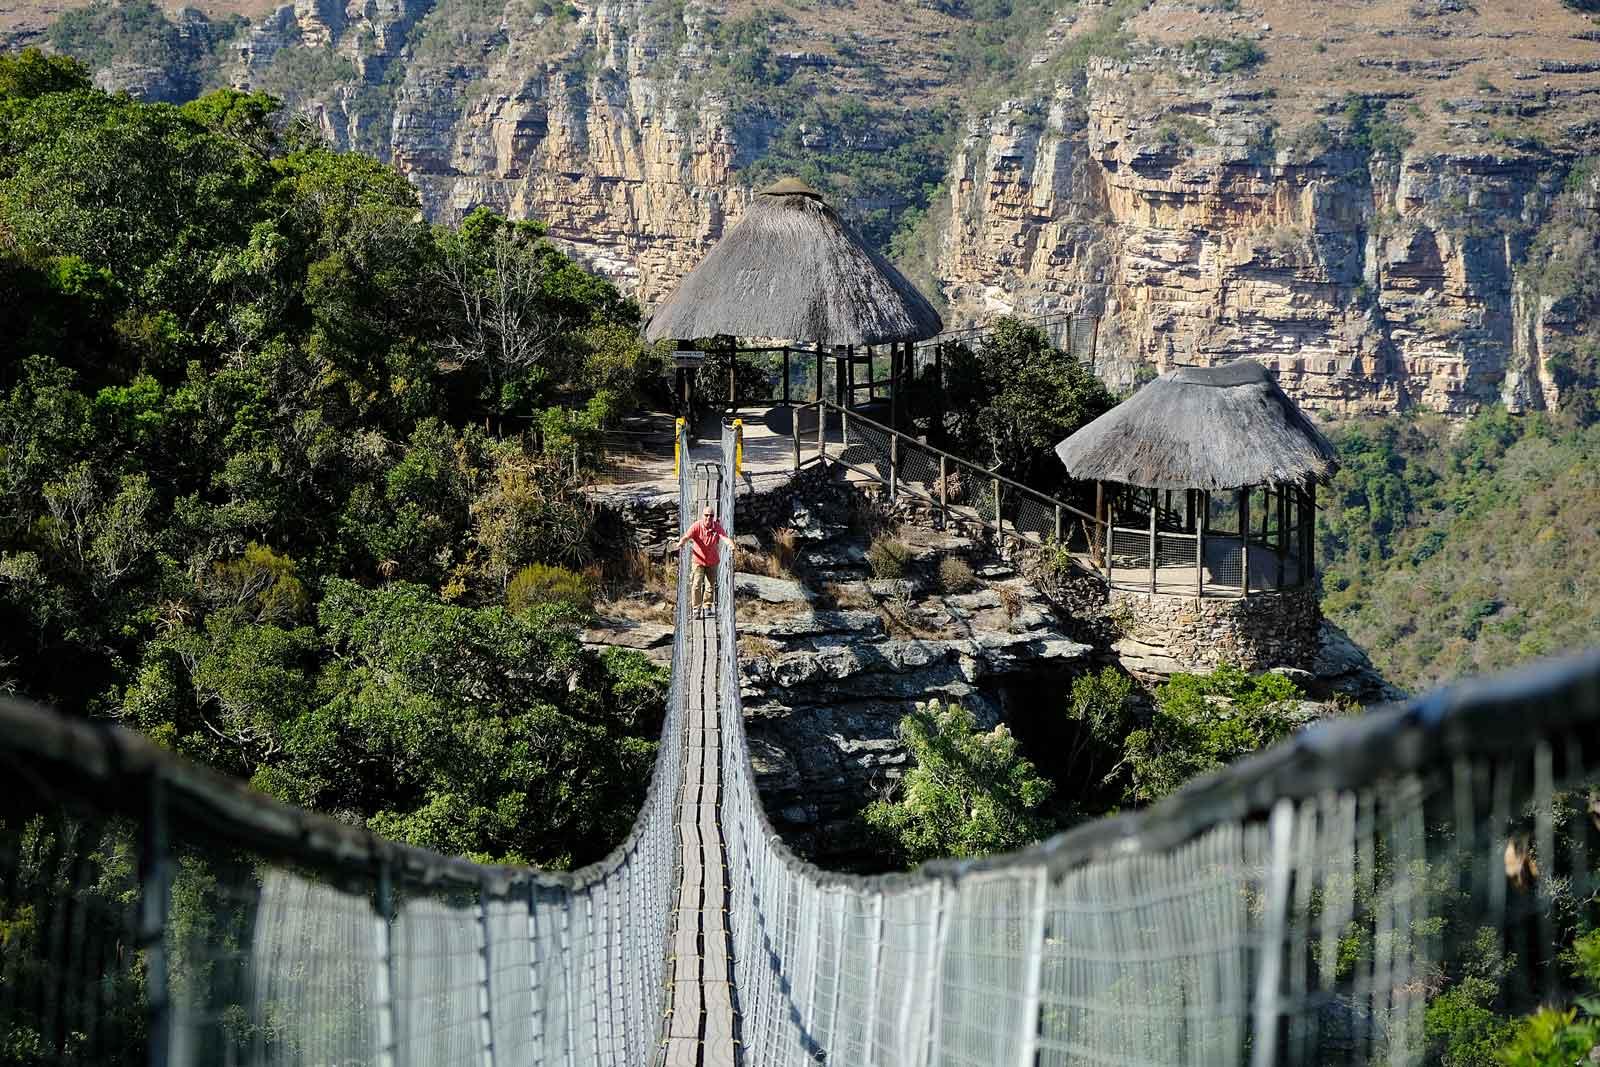 Suspension bridge am Lake Eland